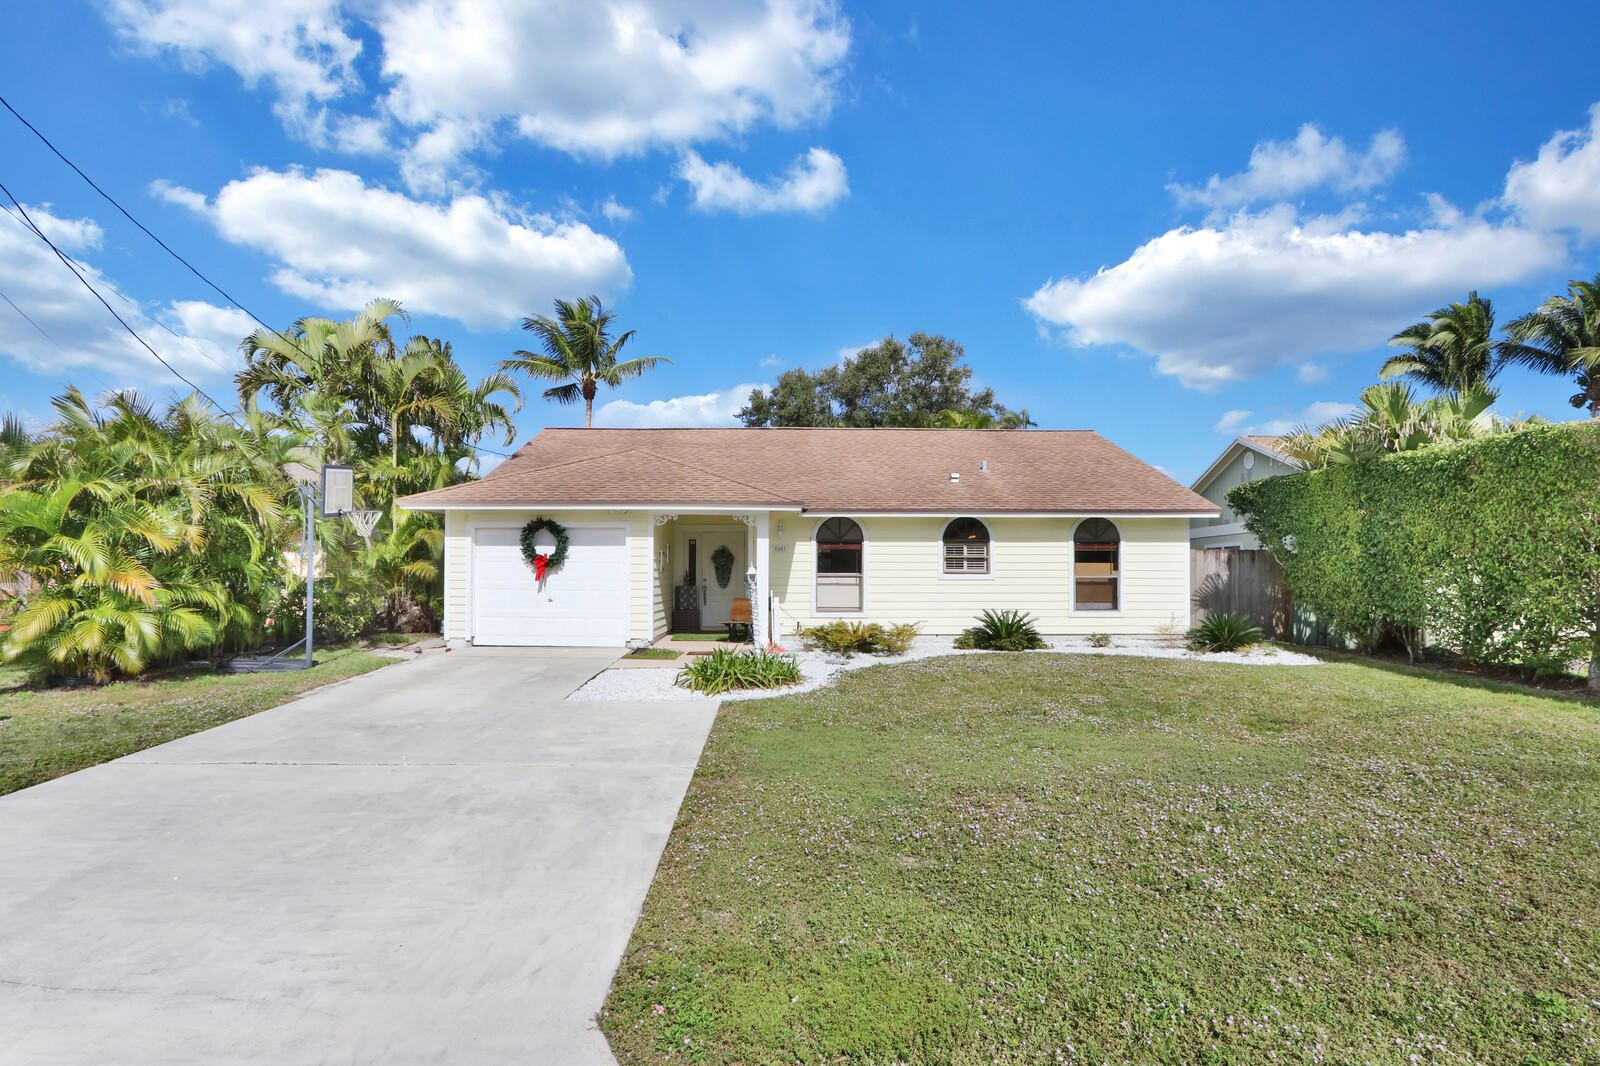 6047 Robinson Street, Jupiter, FL 33458 - #: RX-10673848